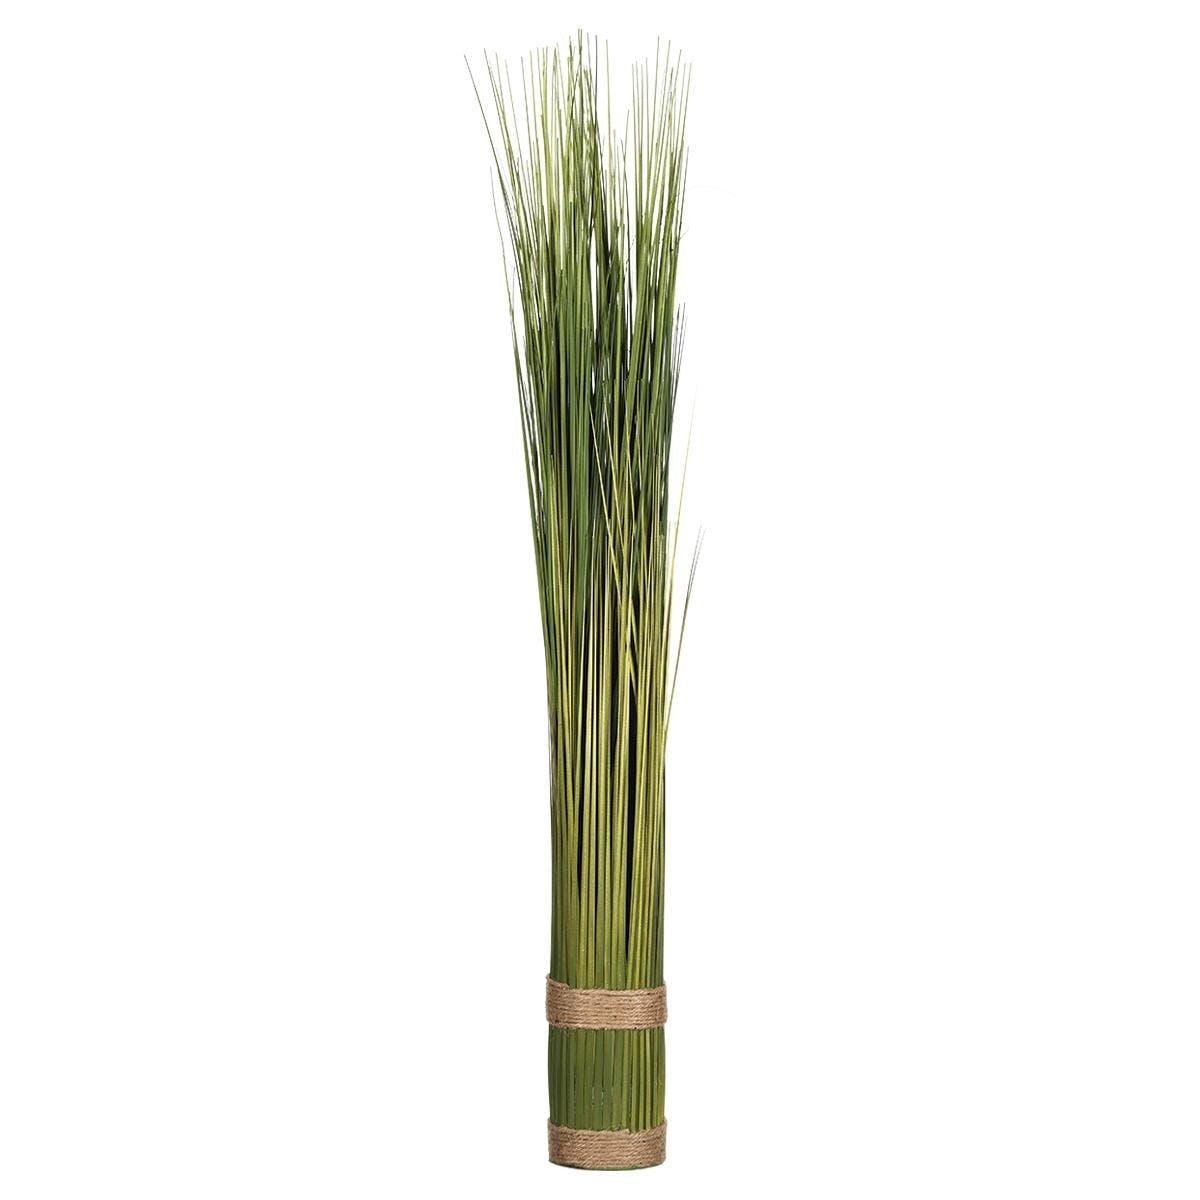 Plante artificielle fagot d'herbes réf. 30022320